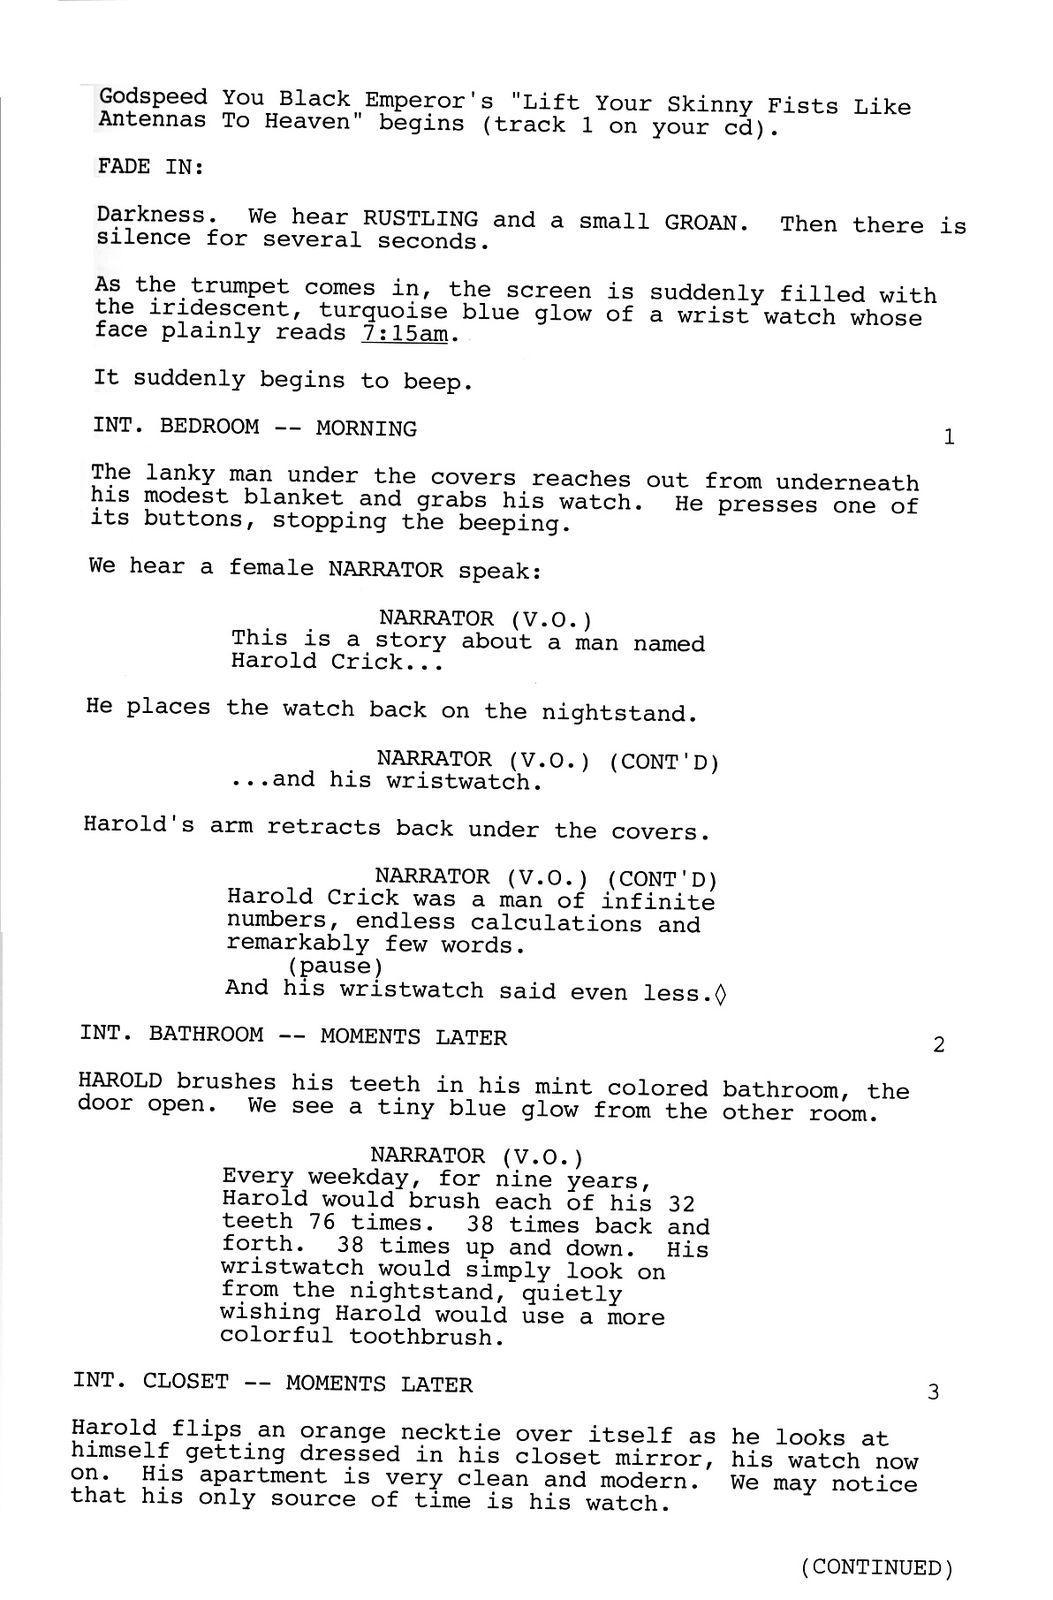 Personnalisation d'un modèle pour les scripts